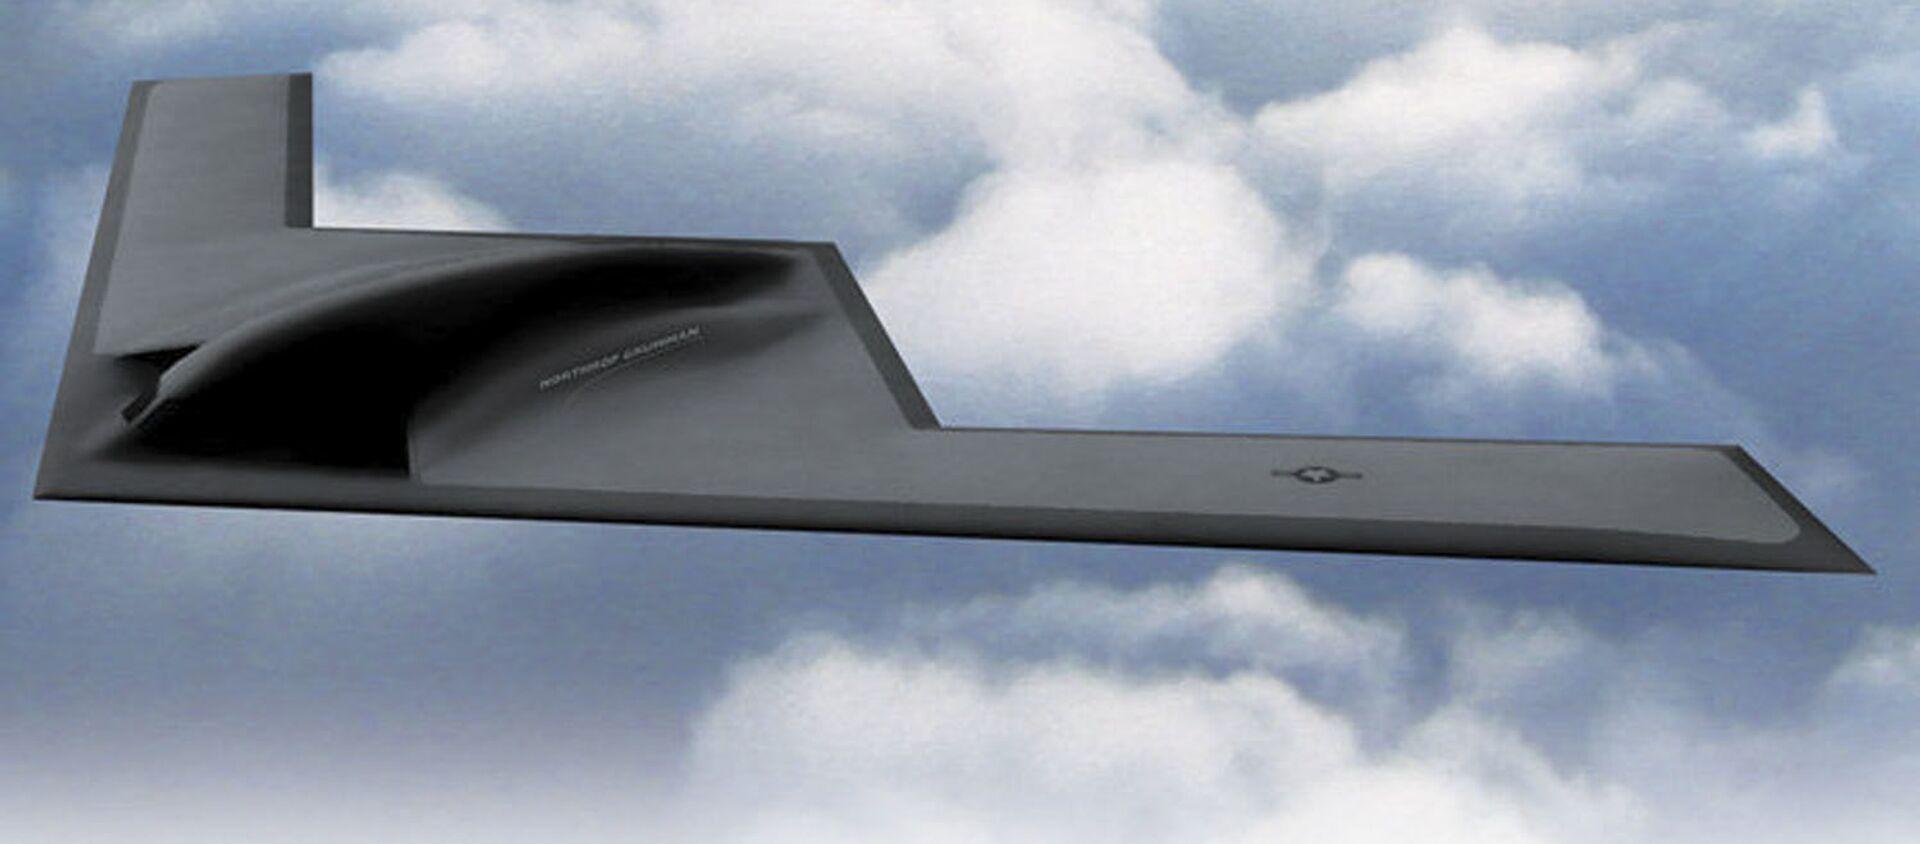 米国の新型戦略爆撃機「B-21レイダー」 - Sputnik 日本, 1920, 01.08.2021